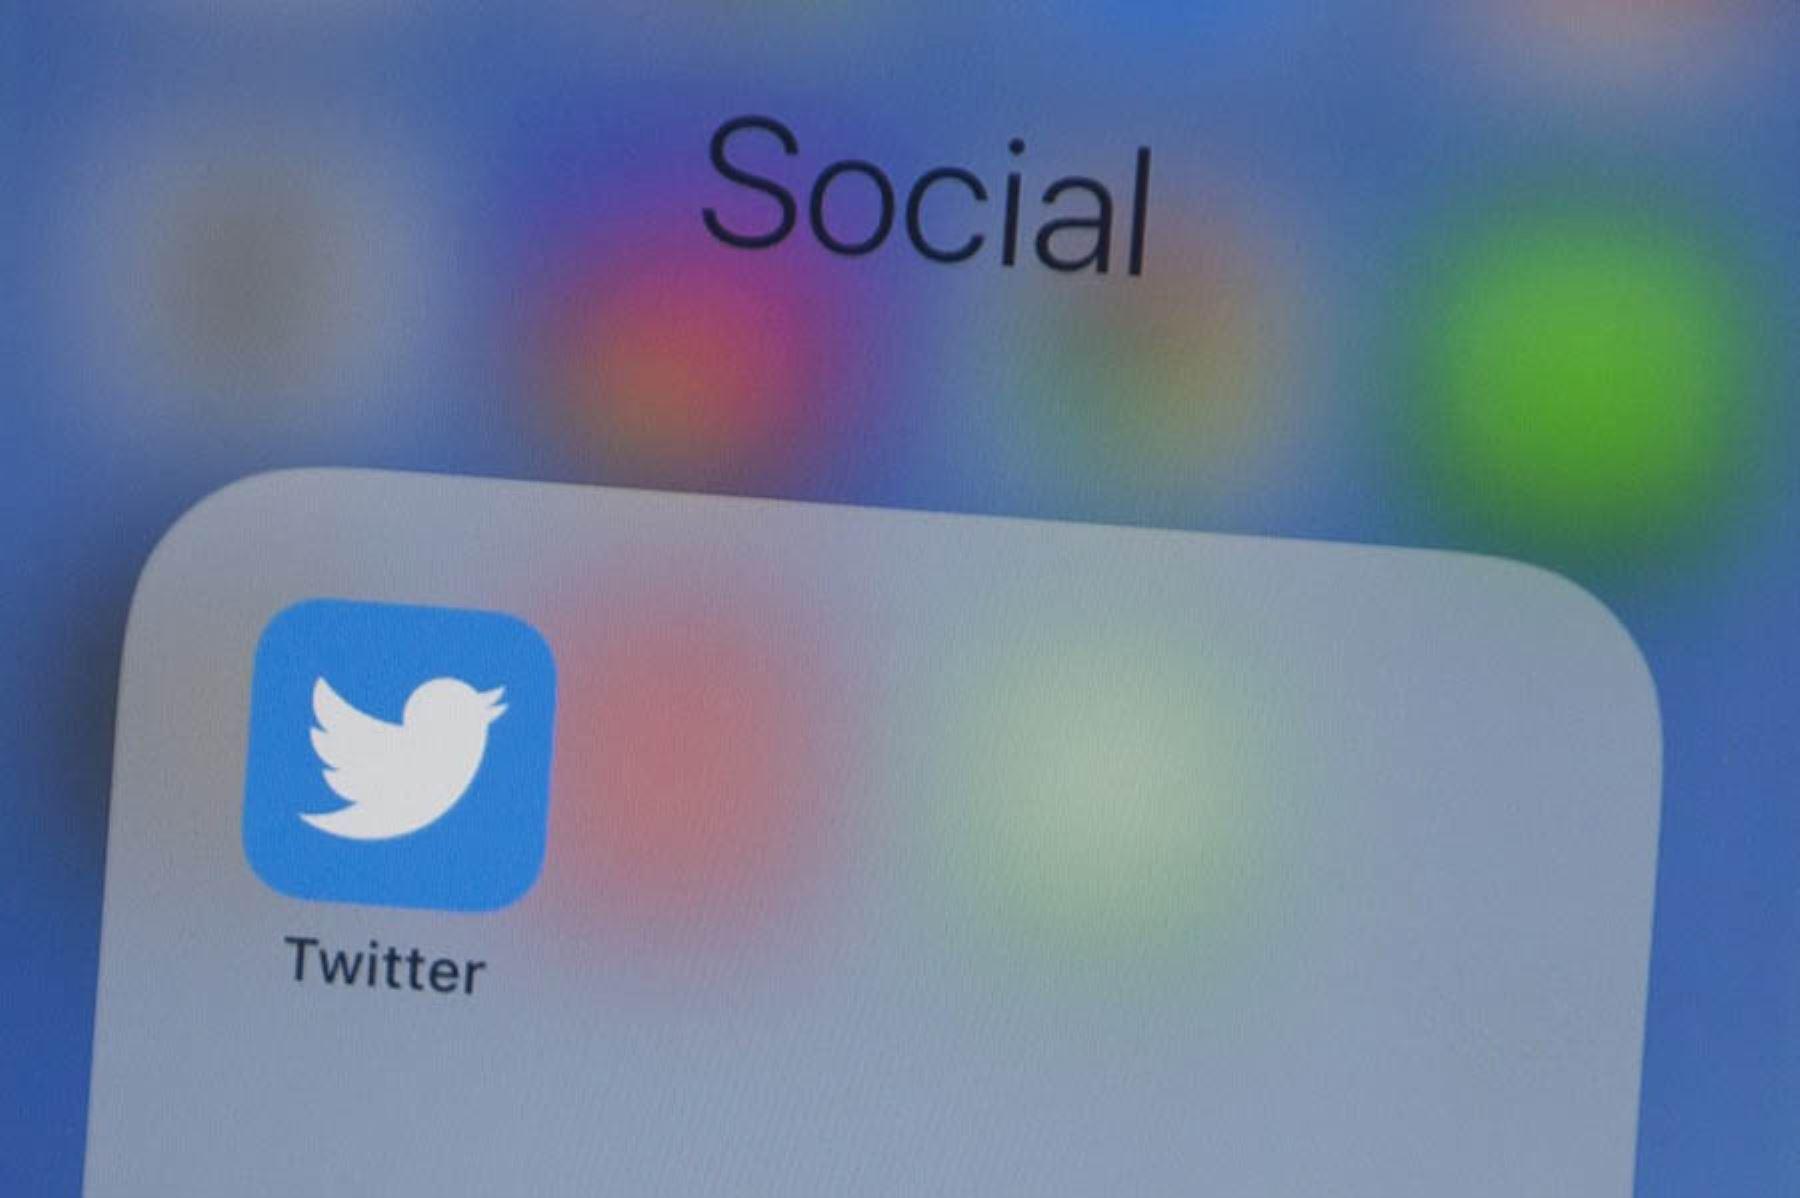 Conoce 5 formas en que tu empresa puede llegar a tus clientes a través de Twitter